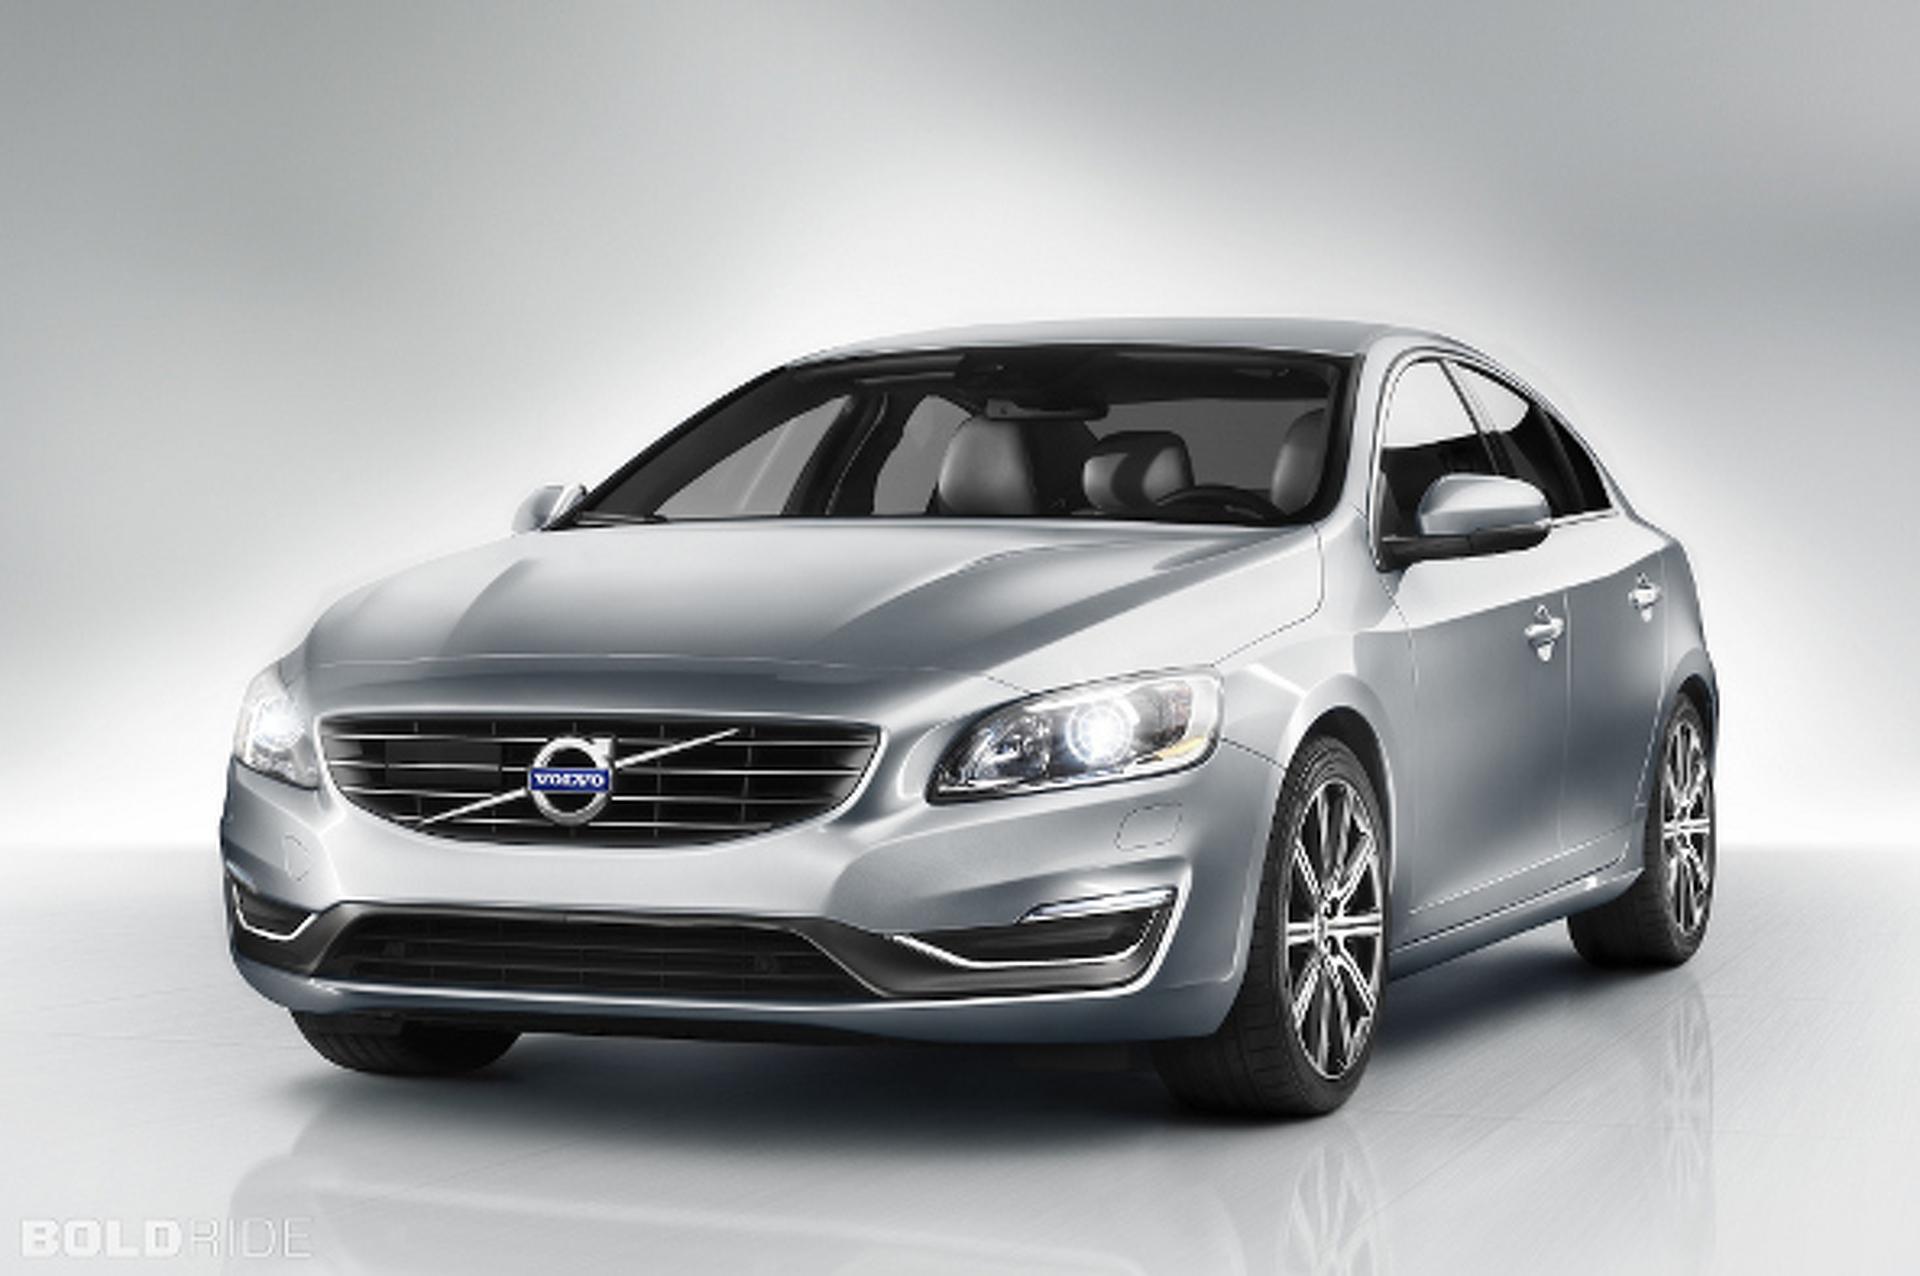 Overlooked at Geneva: Volvo's Barrage of Beige